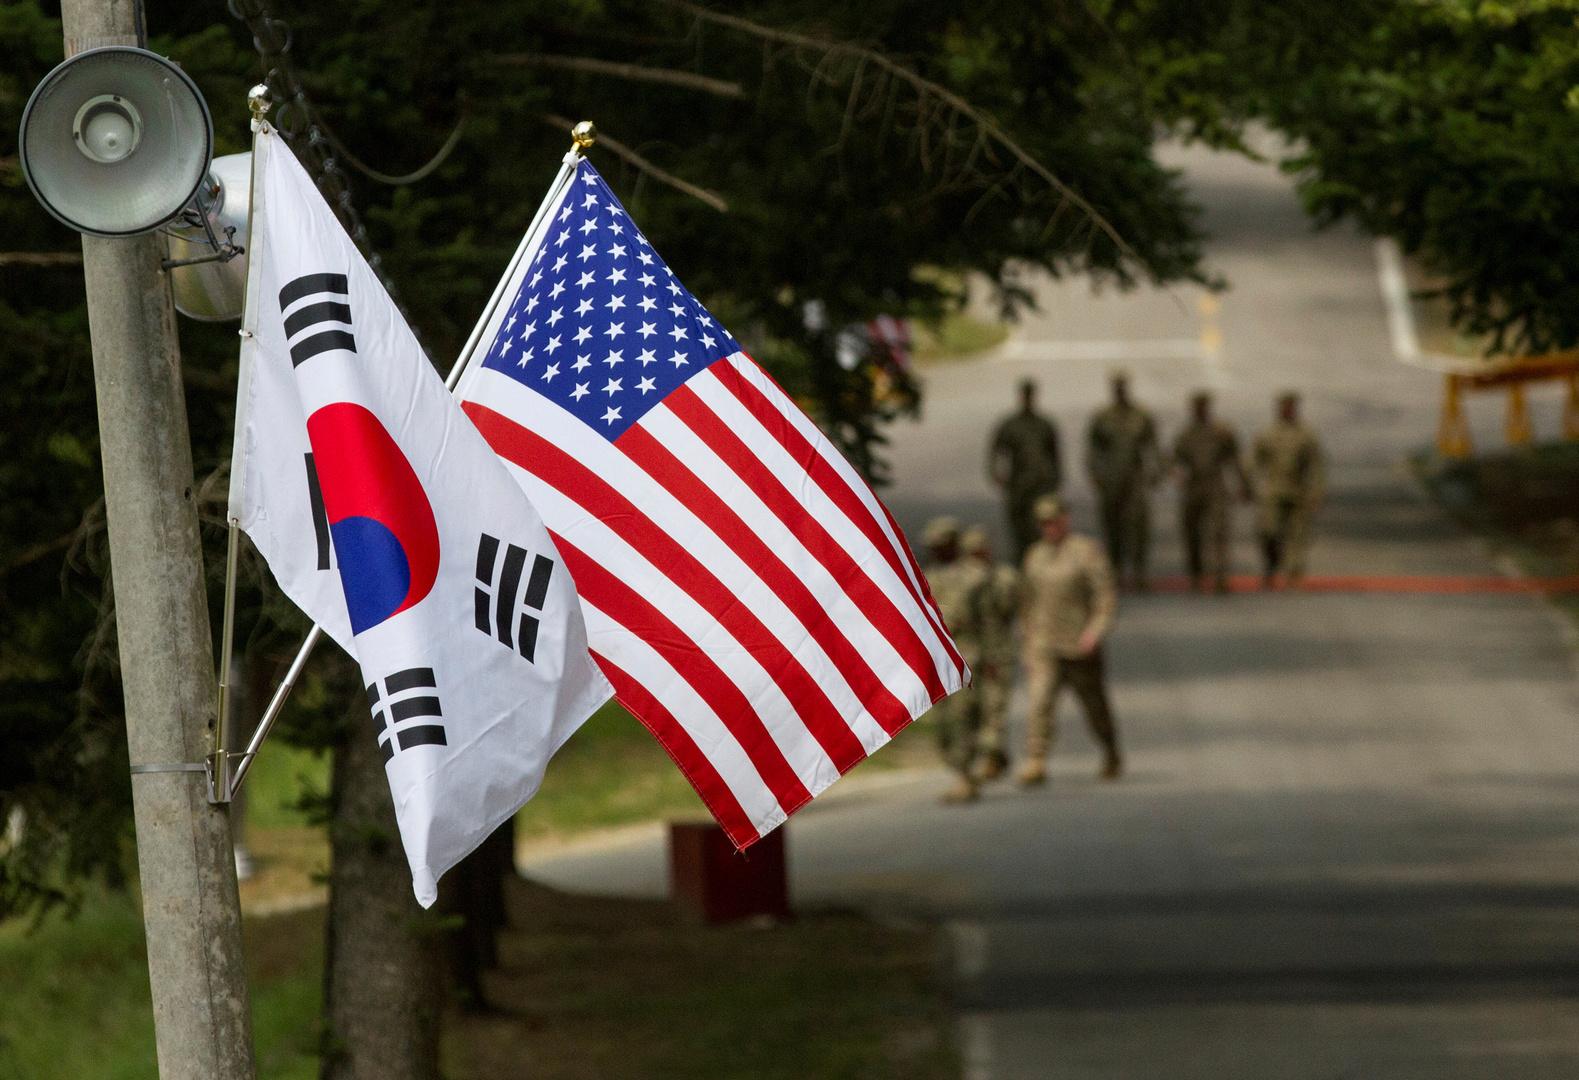 سيئول تعرب عن مخاوفها بشأن طلب واشنطن لمعلومات حساسة من شركات أشباه الموصلات الكورية